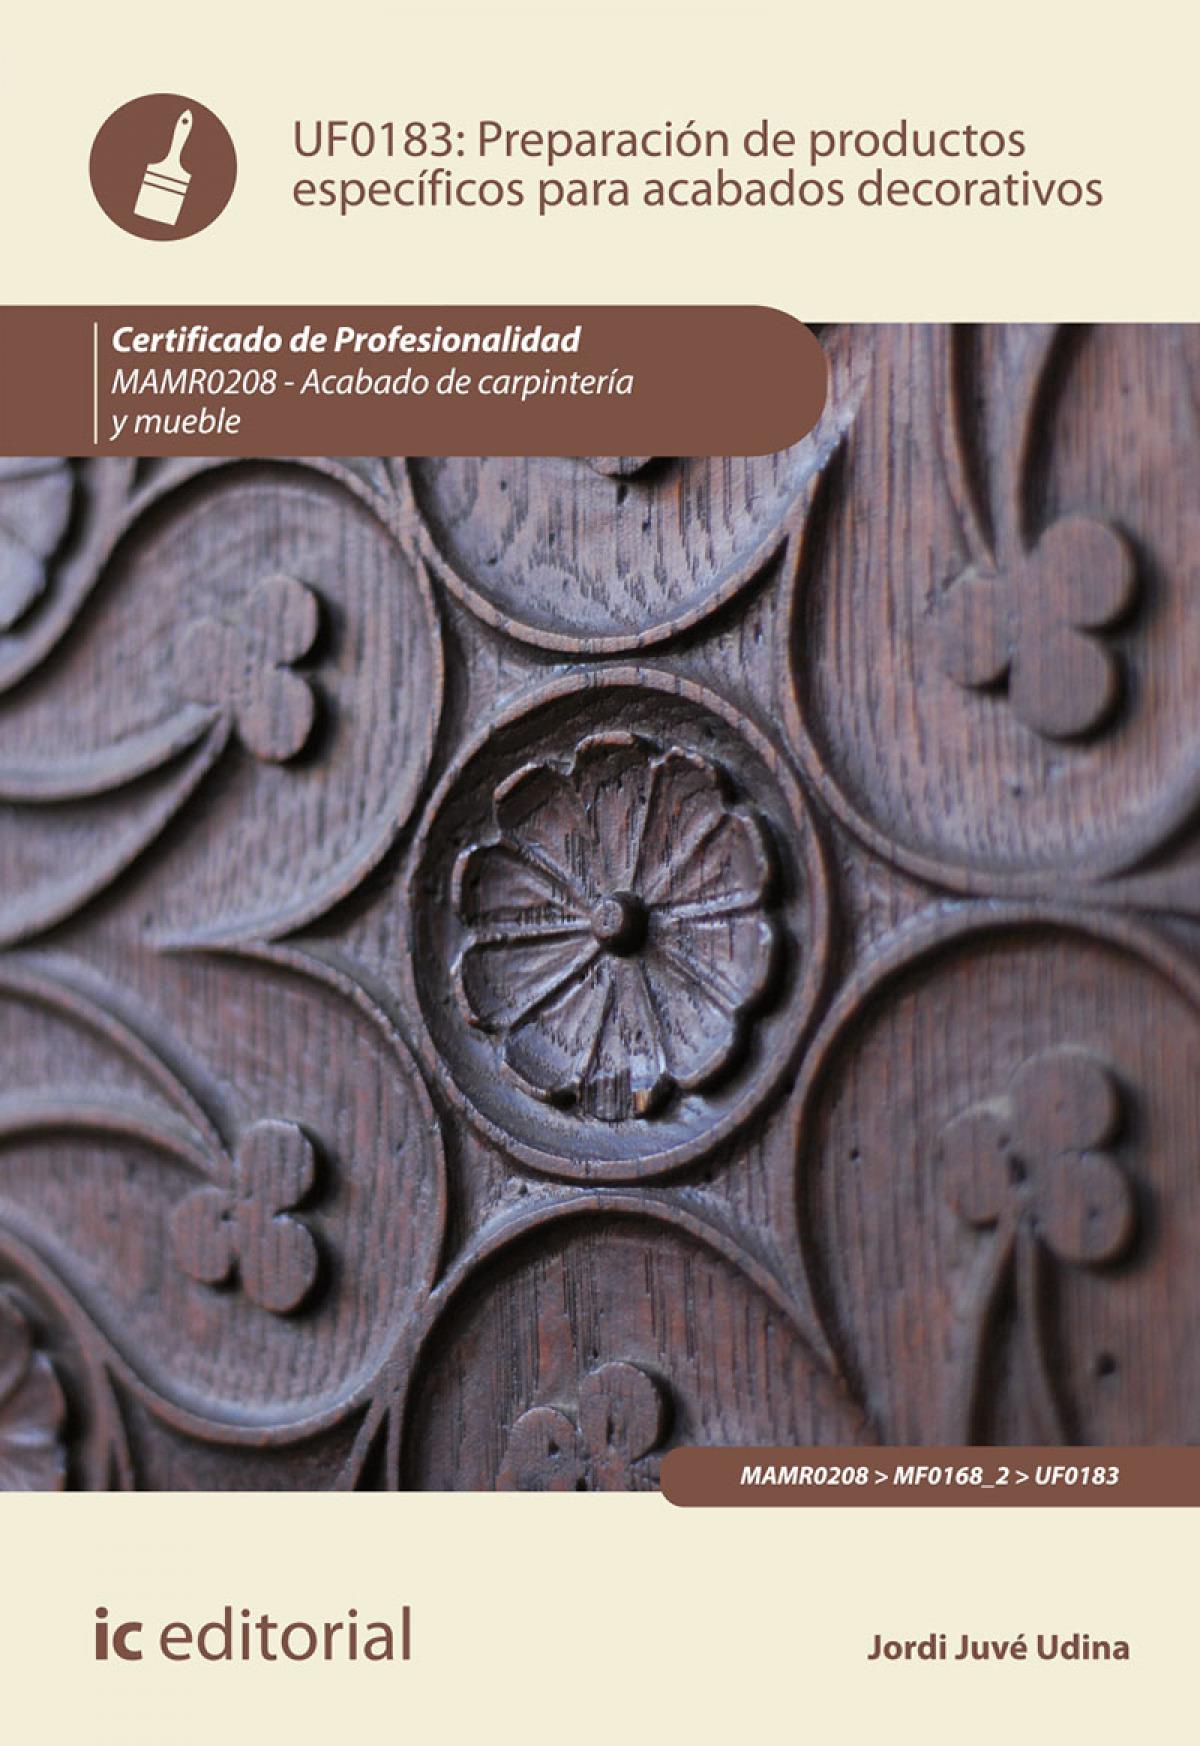 Preparación de productos específicos para acabados decorativos. MAMR0208 - Acabado de carpintería y mueble